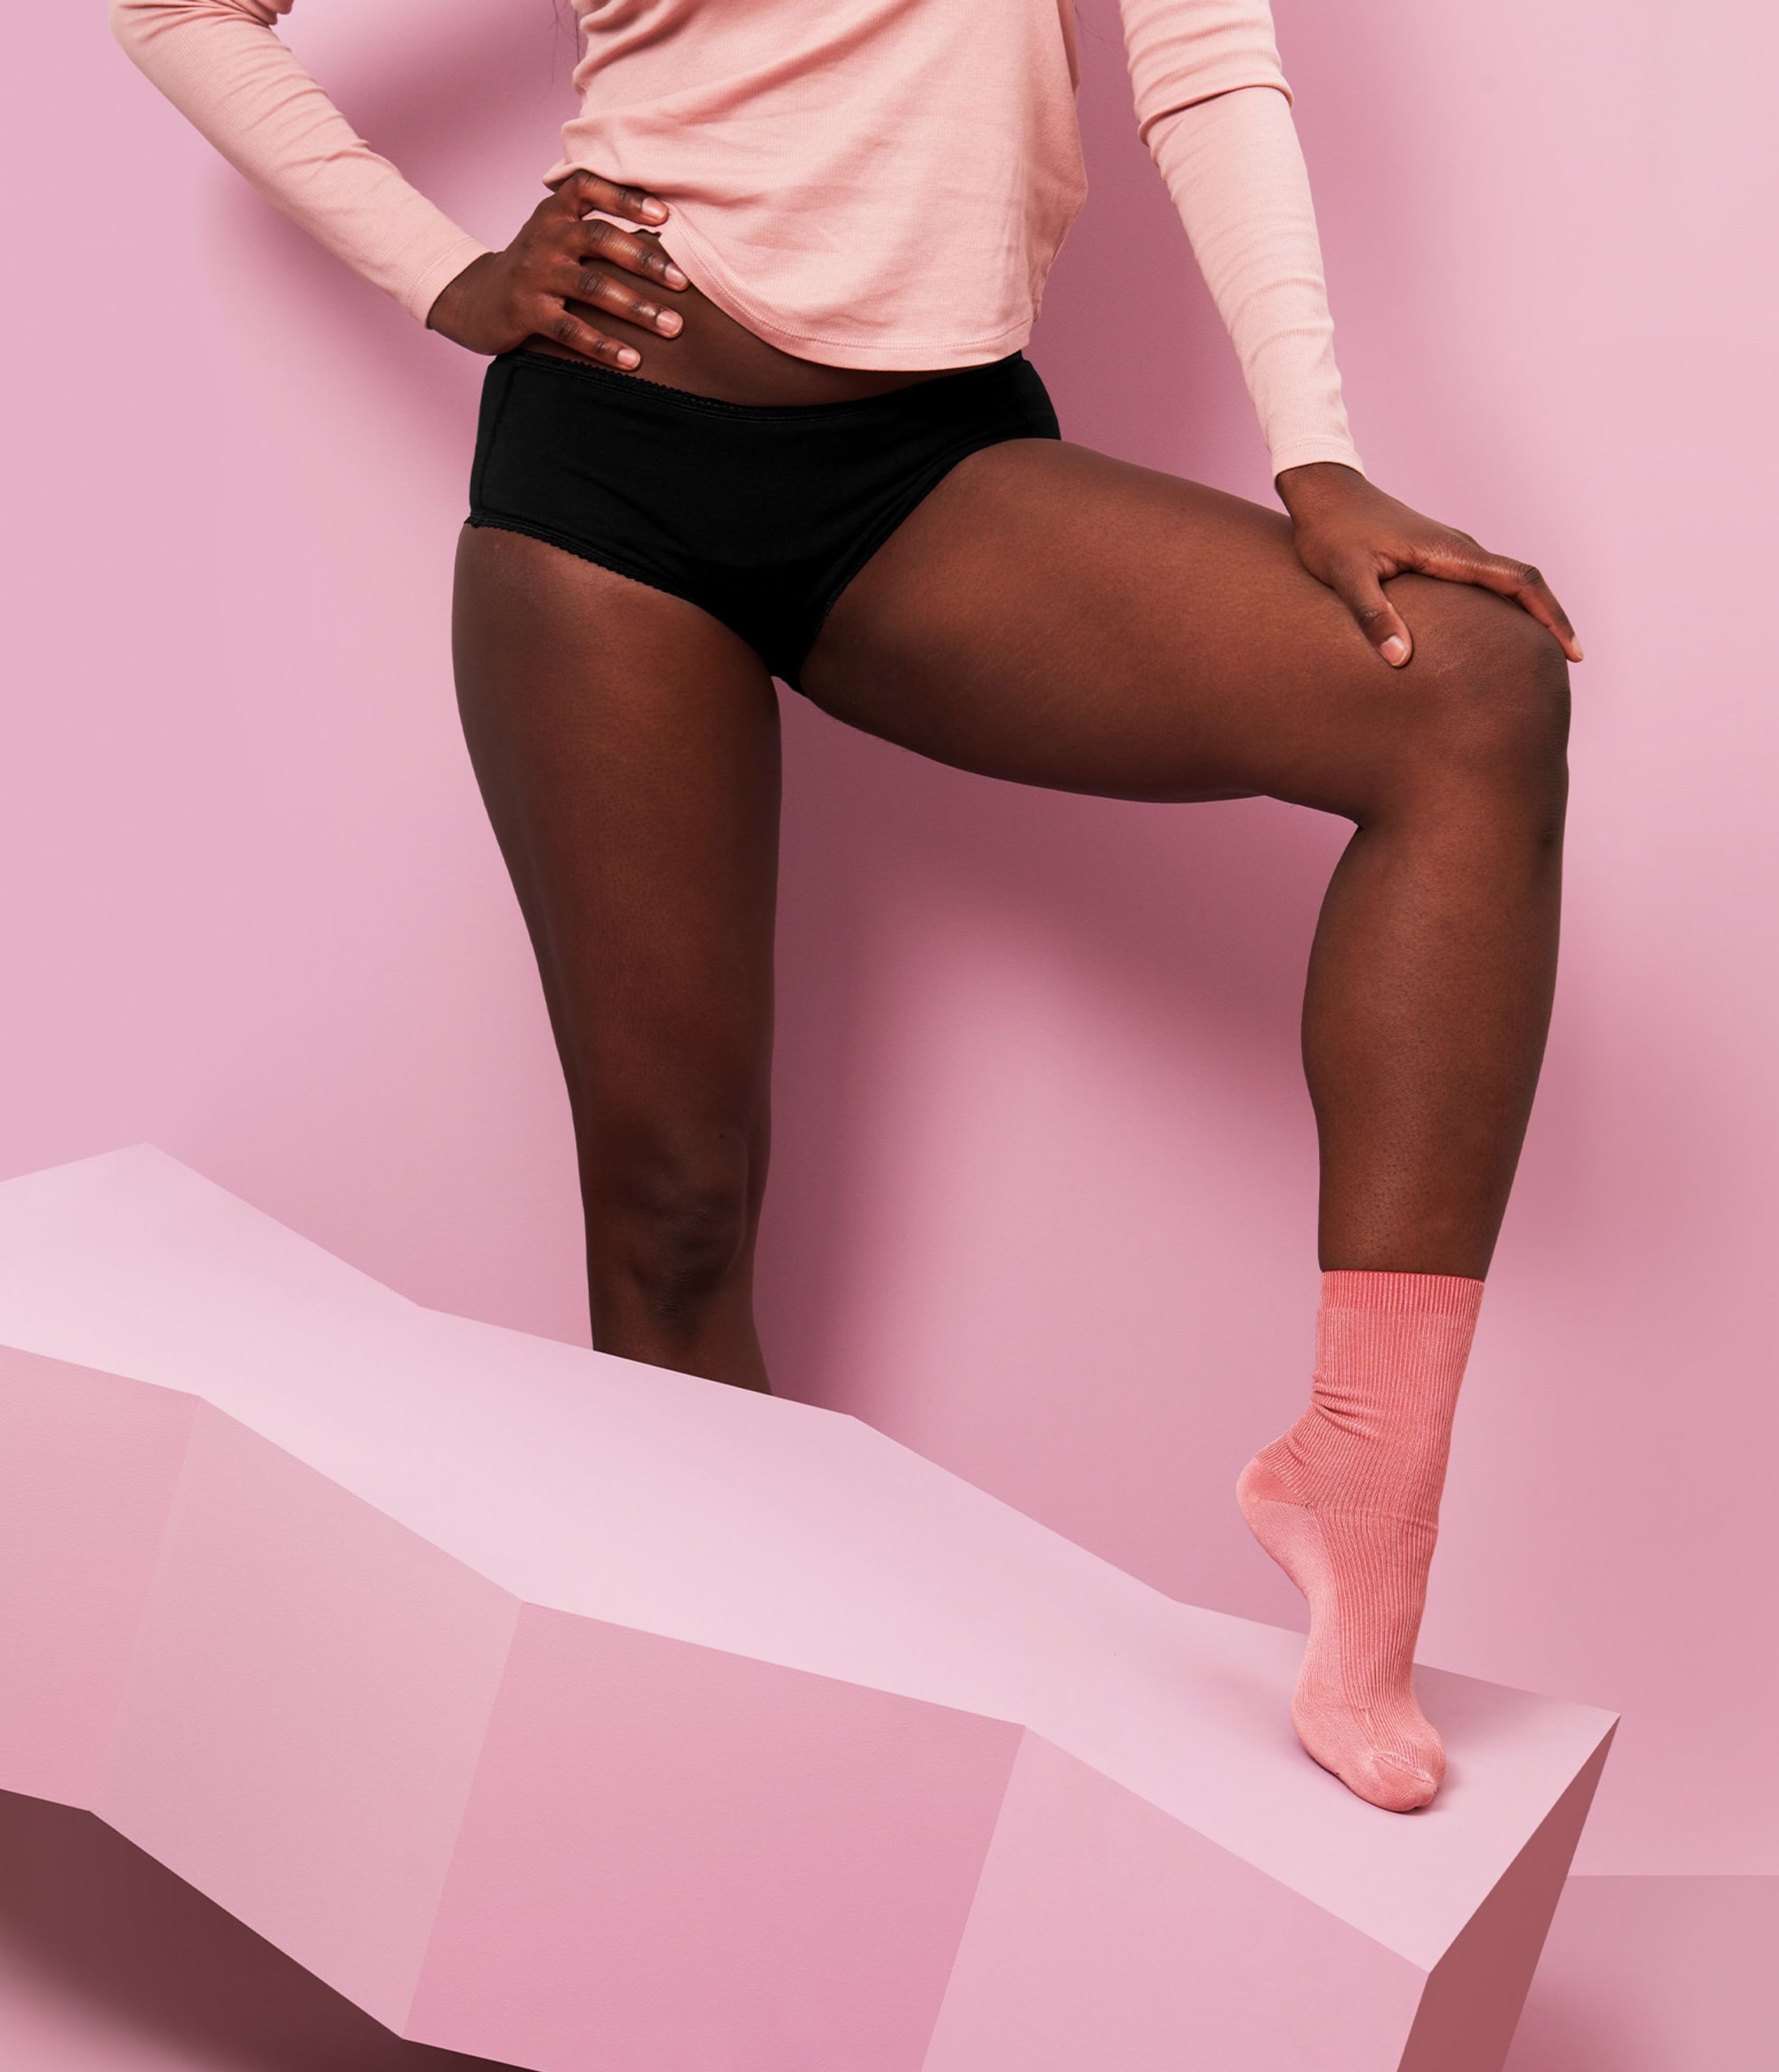 shorty menstruel noir Dans Ma Culotte